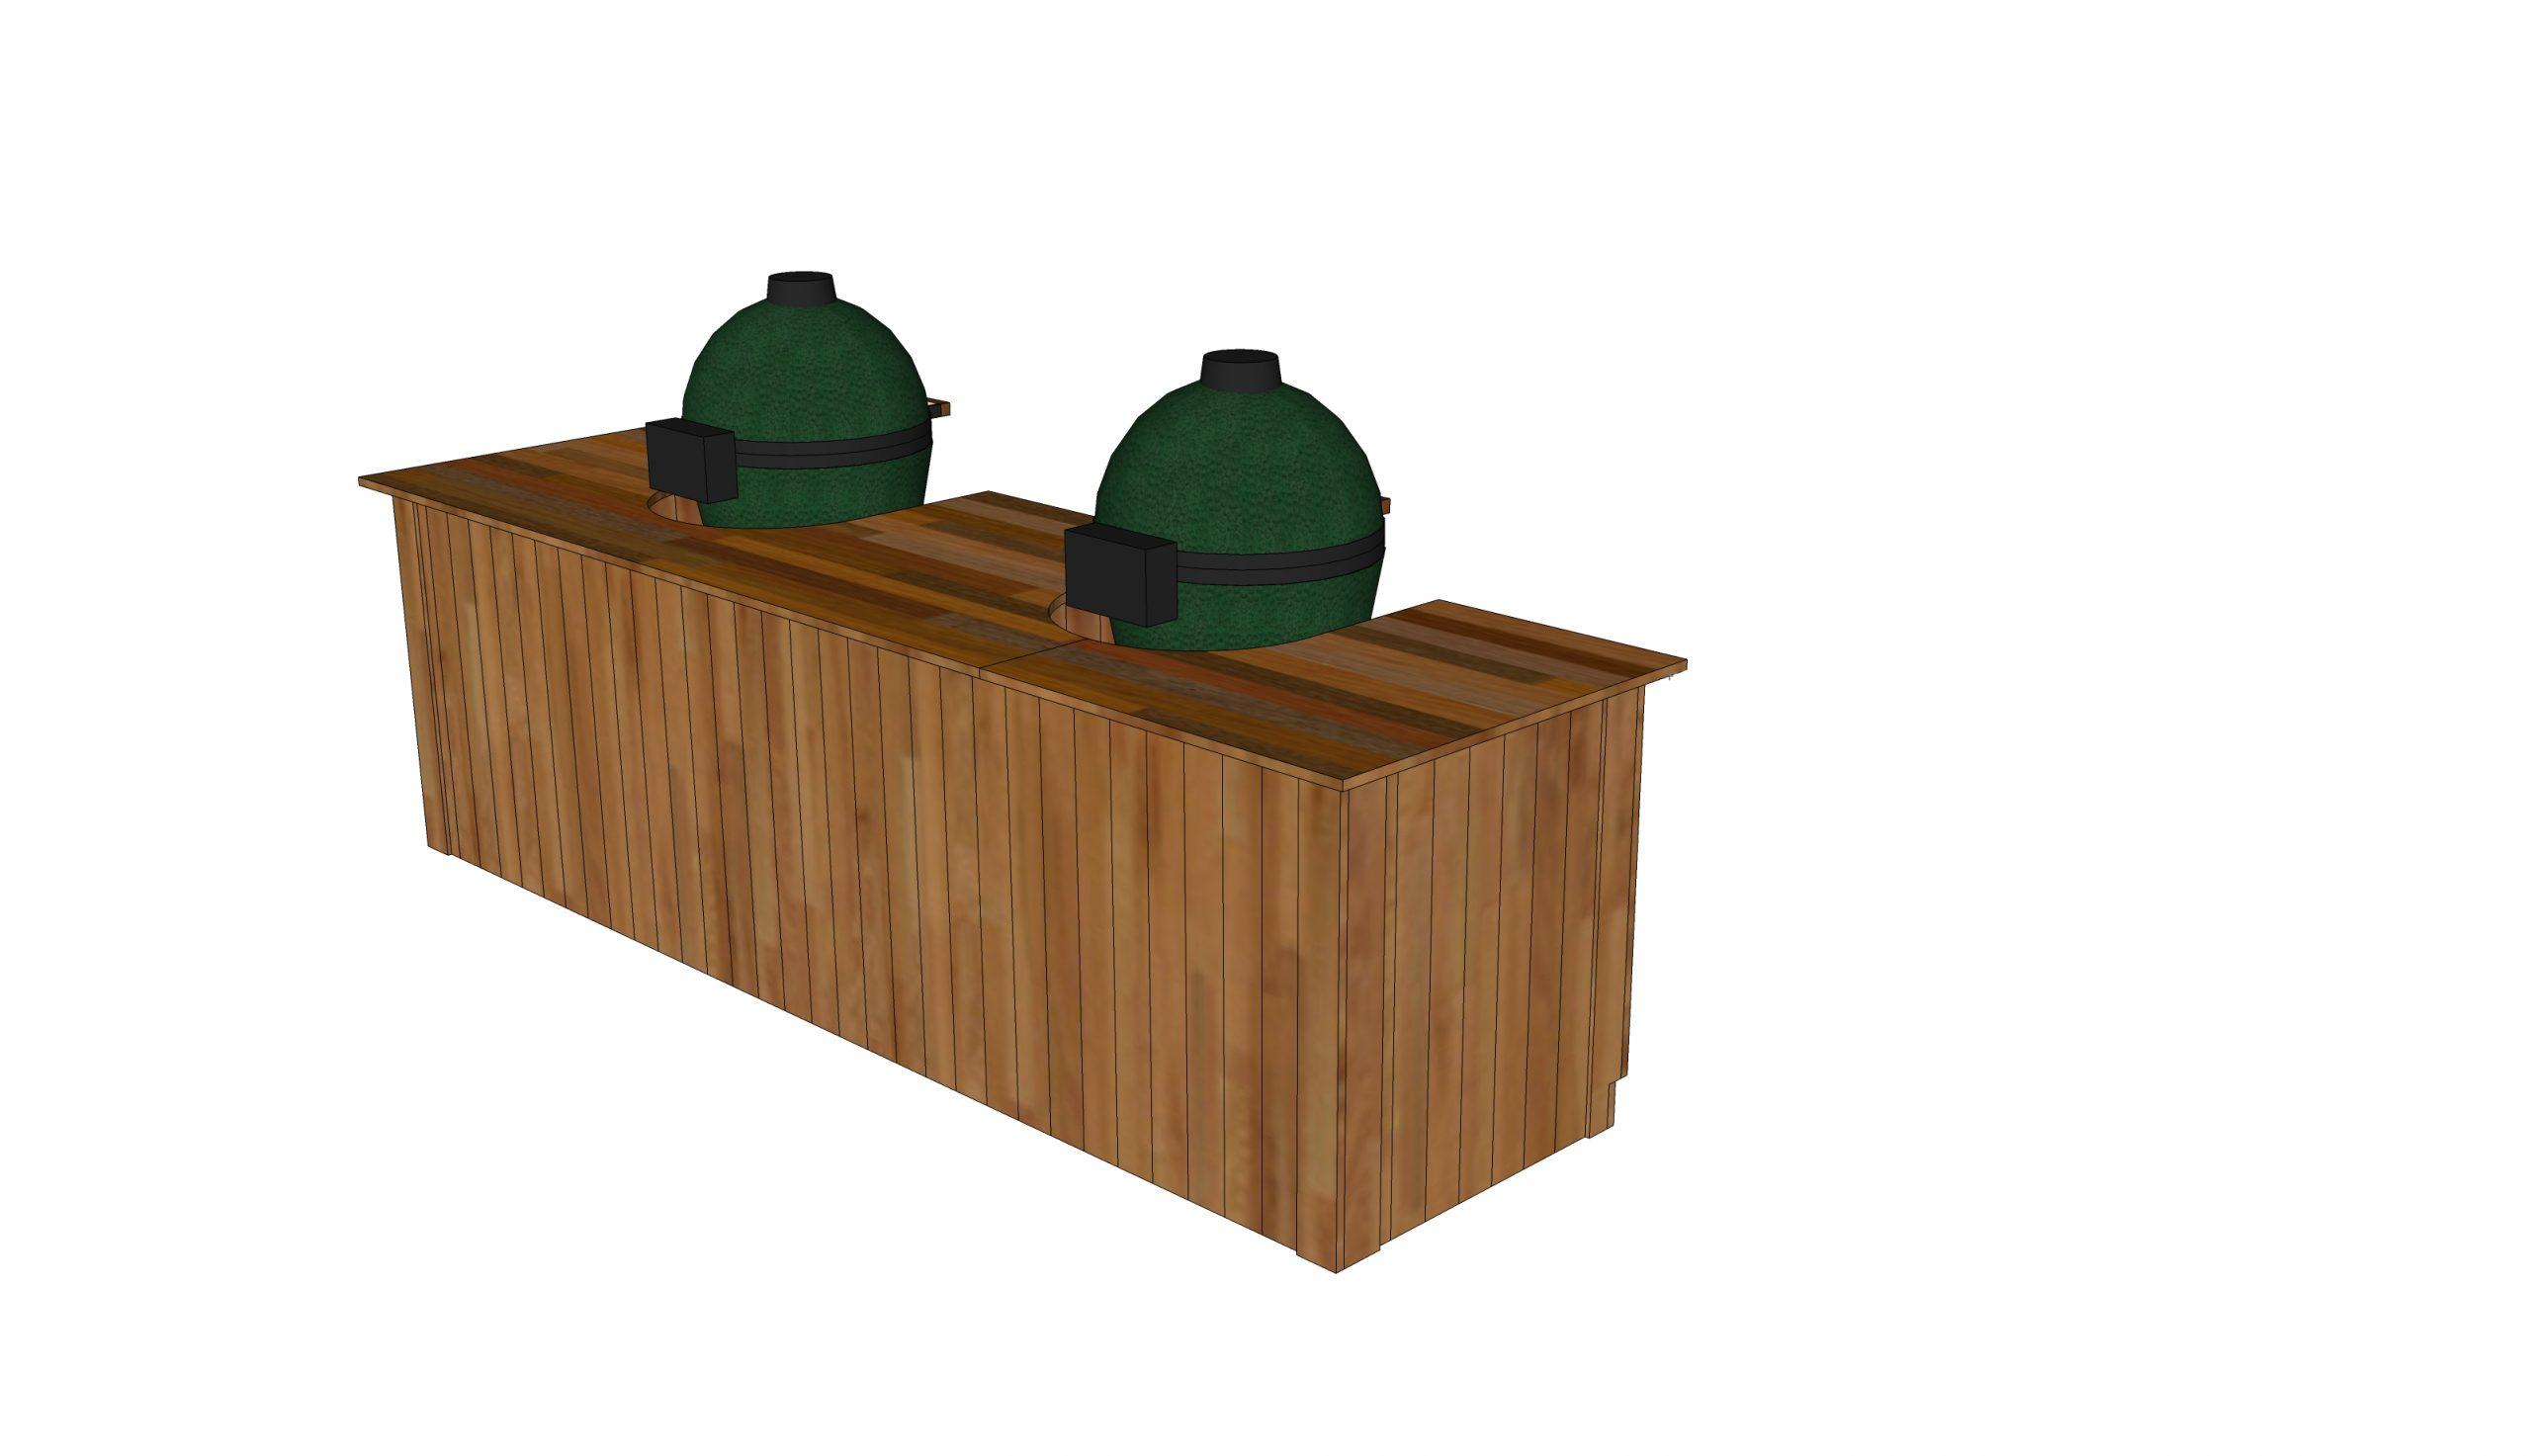 double green egg and kamado joe smoker table plans